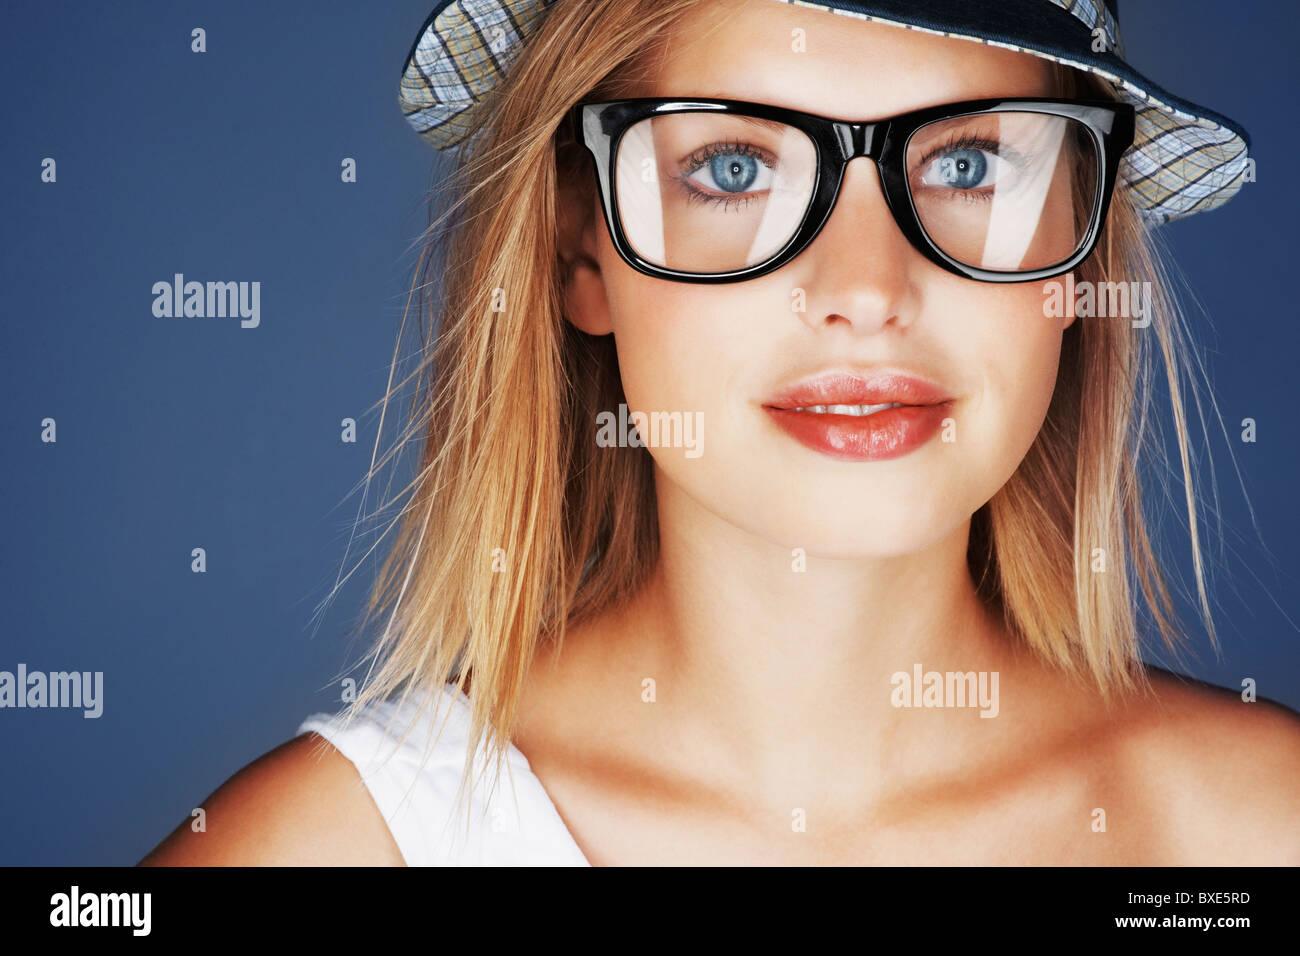 76a96004c9fb9e Bionda Da Stock Immagine Con Fotoamp; Cappello Donna Occhiali Sole E  kXiuOTPZ